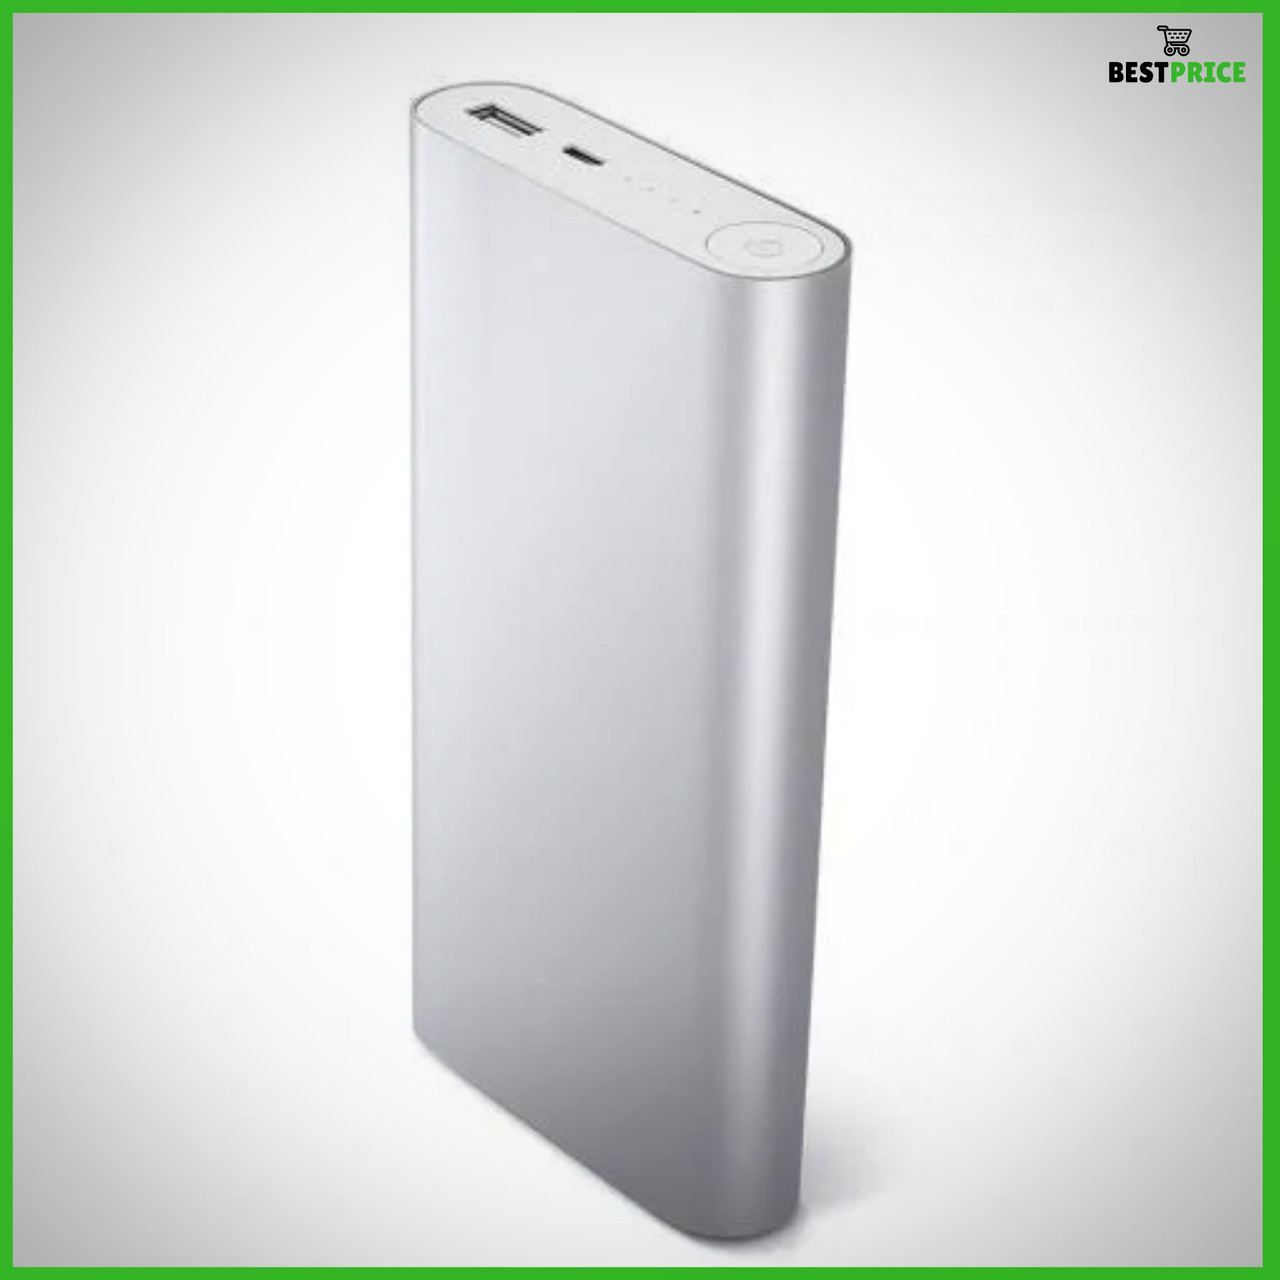 [ОПТ] Повер банк Xiaomi 20800 mAh Power Bank Внешний Аккумулятор (Реплика)